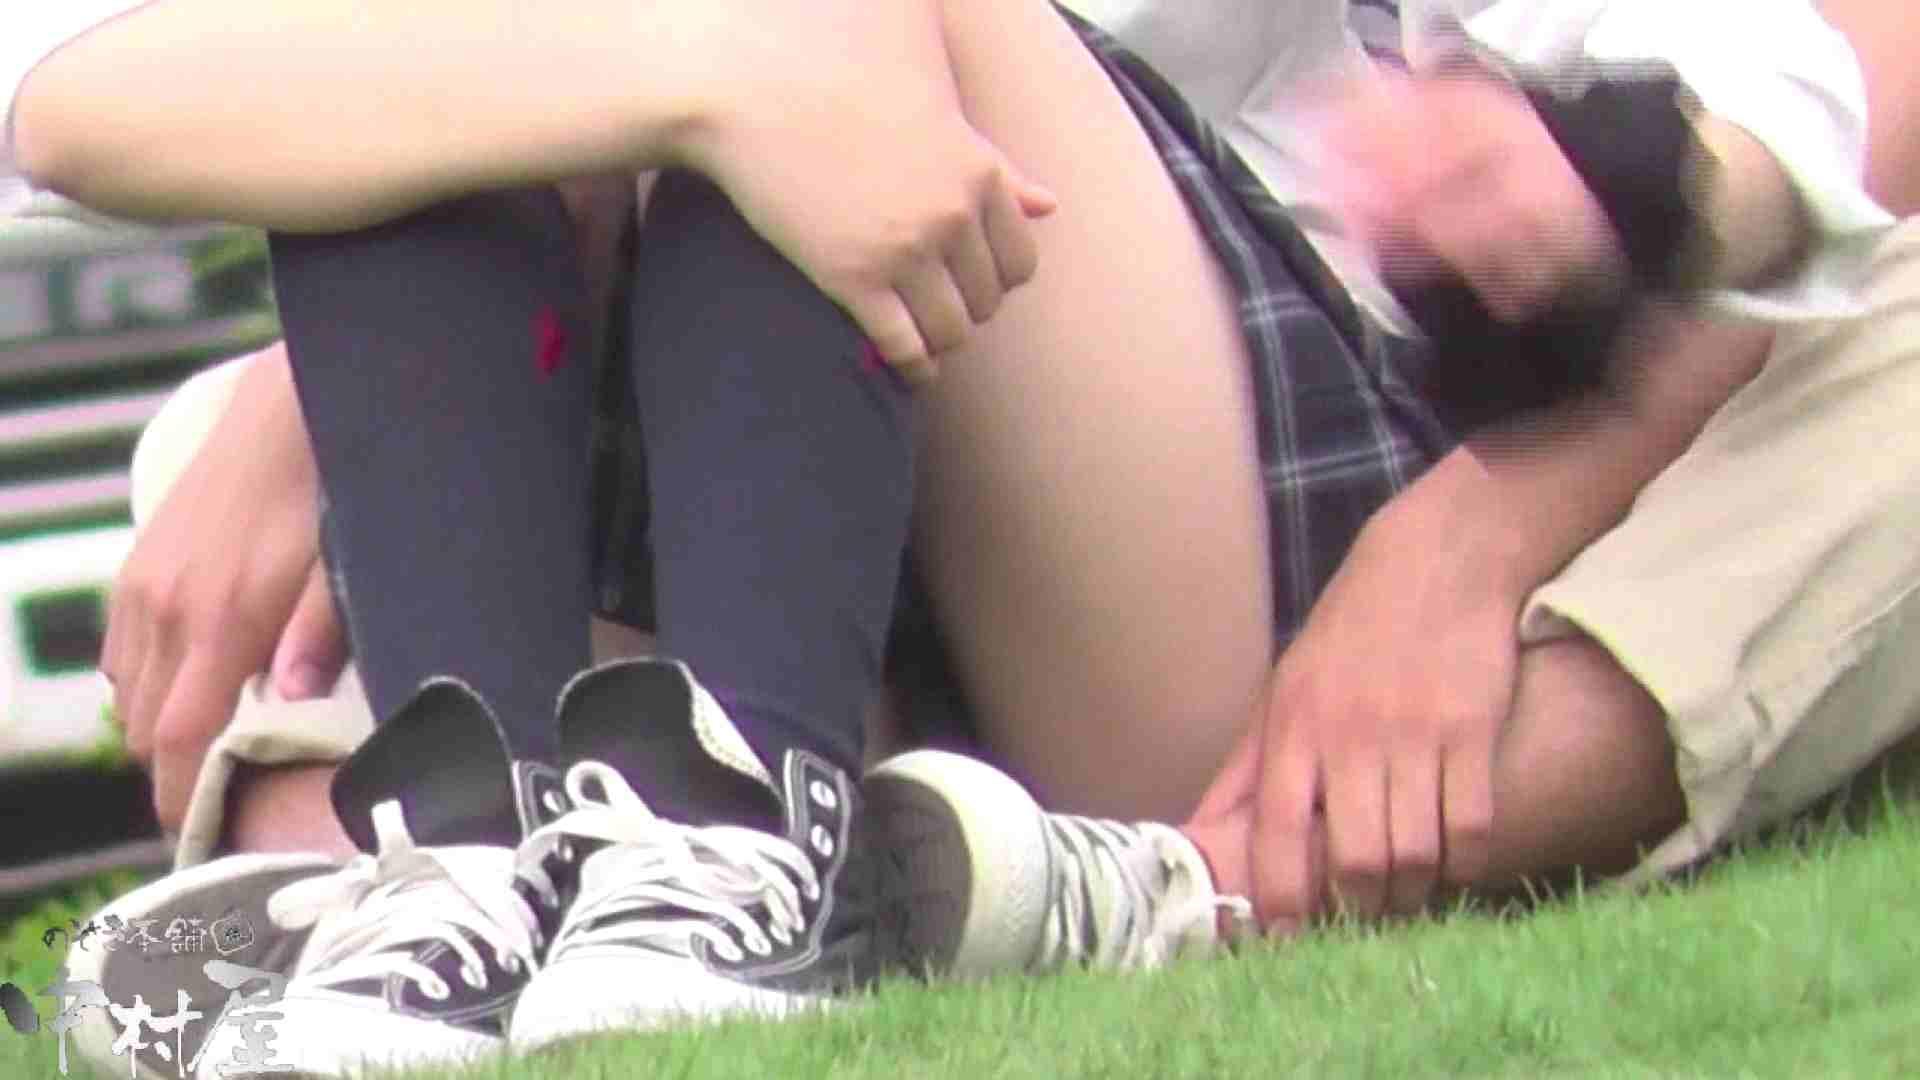 ドキドキ❤新入生パンチラ歓迎会vol.18 OLセックス 盗み撮りAV無料動画キャプチャ 86画像 37